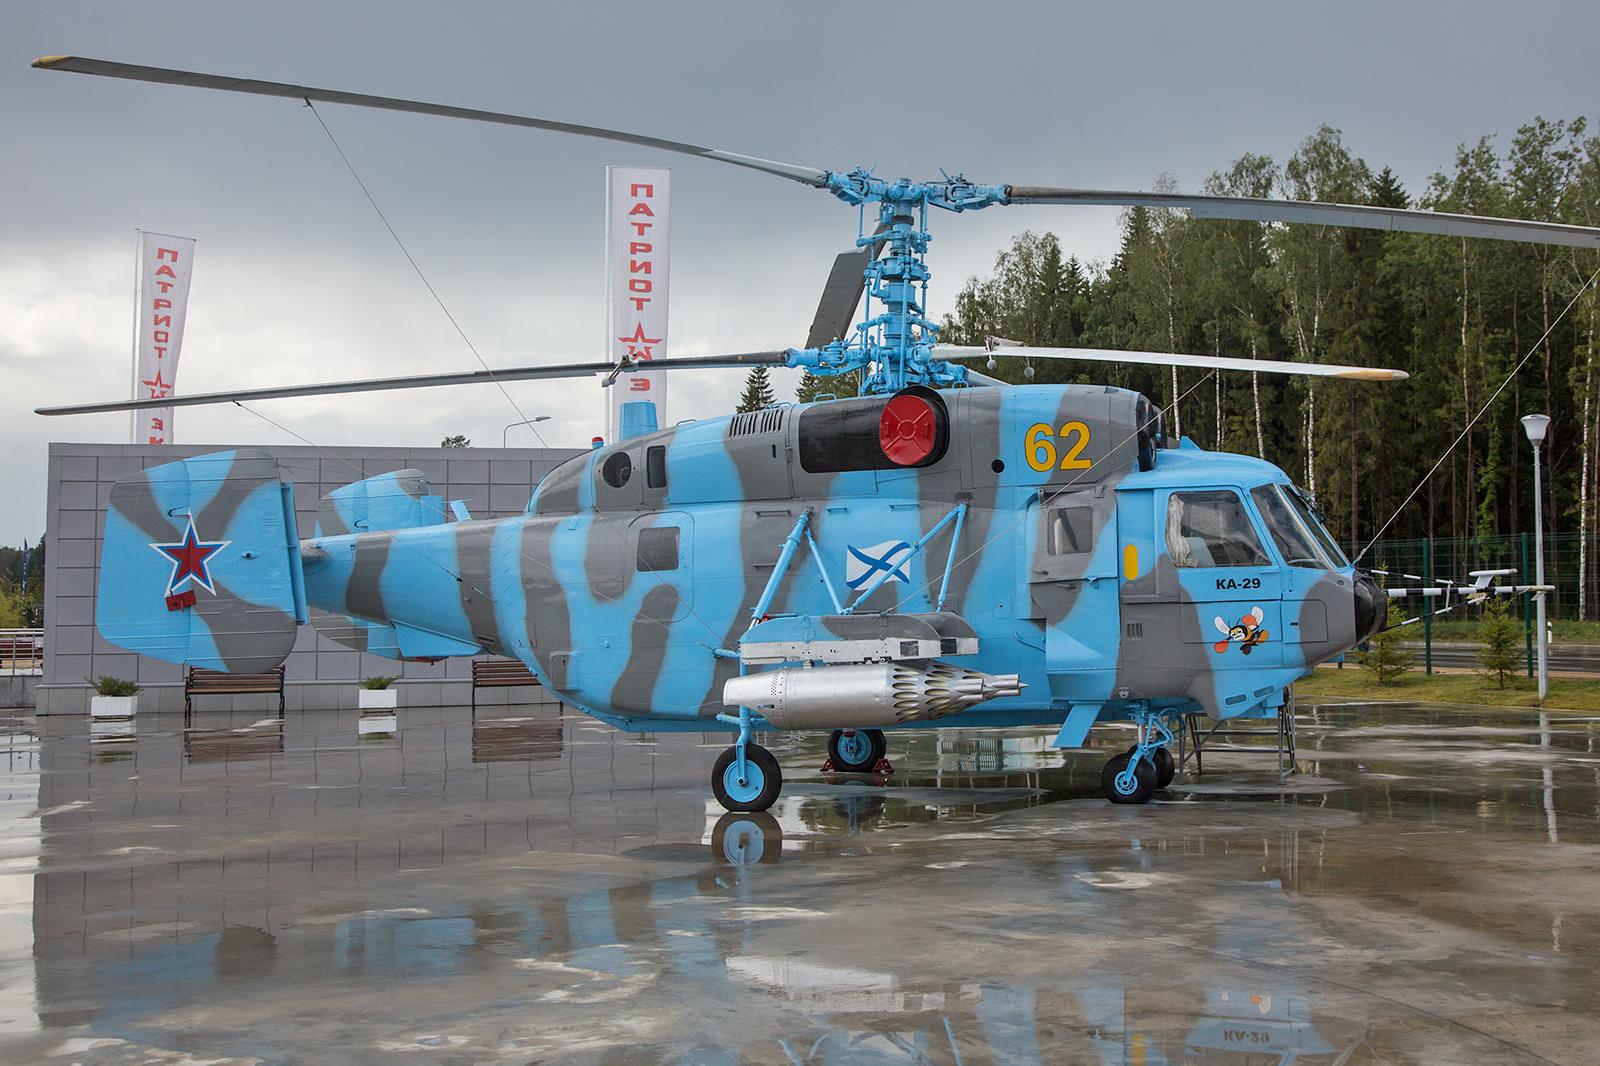 Die Kamov Ka-29 der Marine basiert auf der Ka-27.